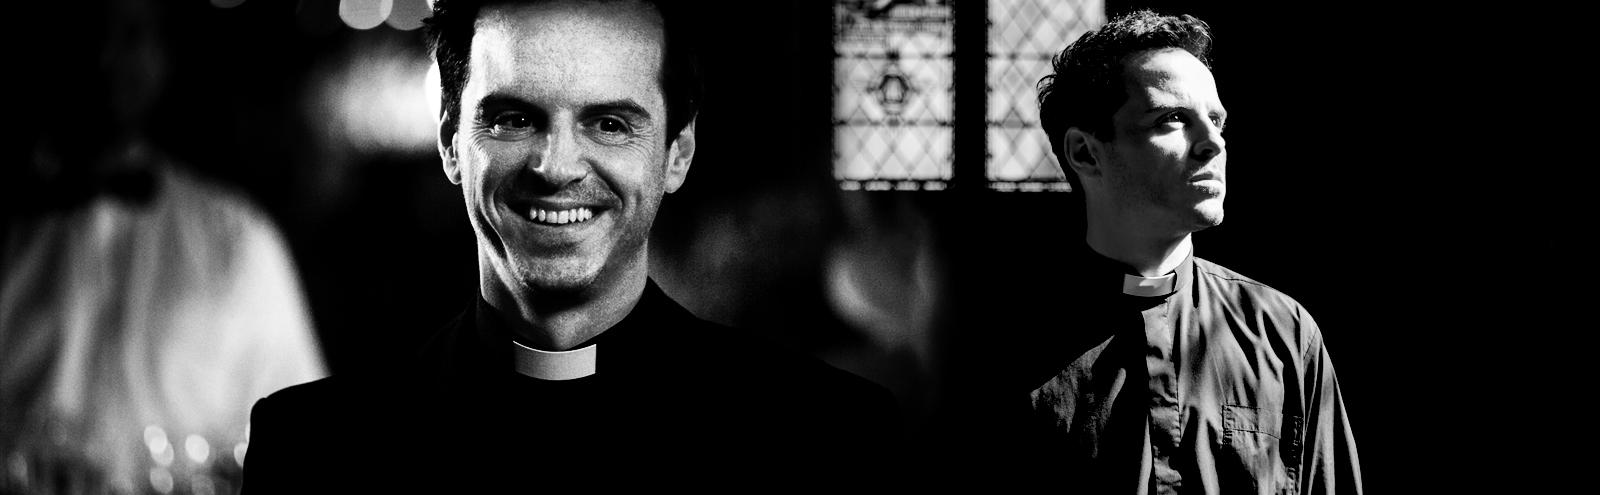 priest-tfeat-uproxx.jpg